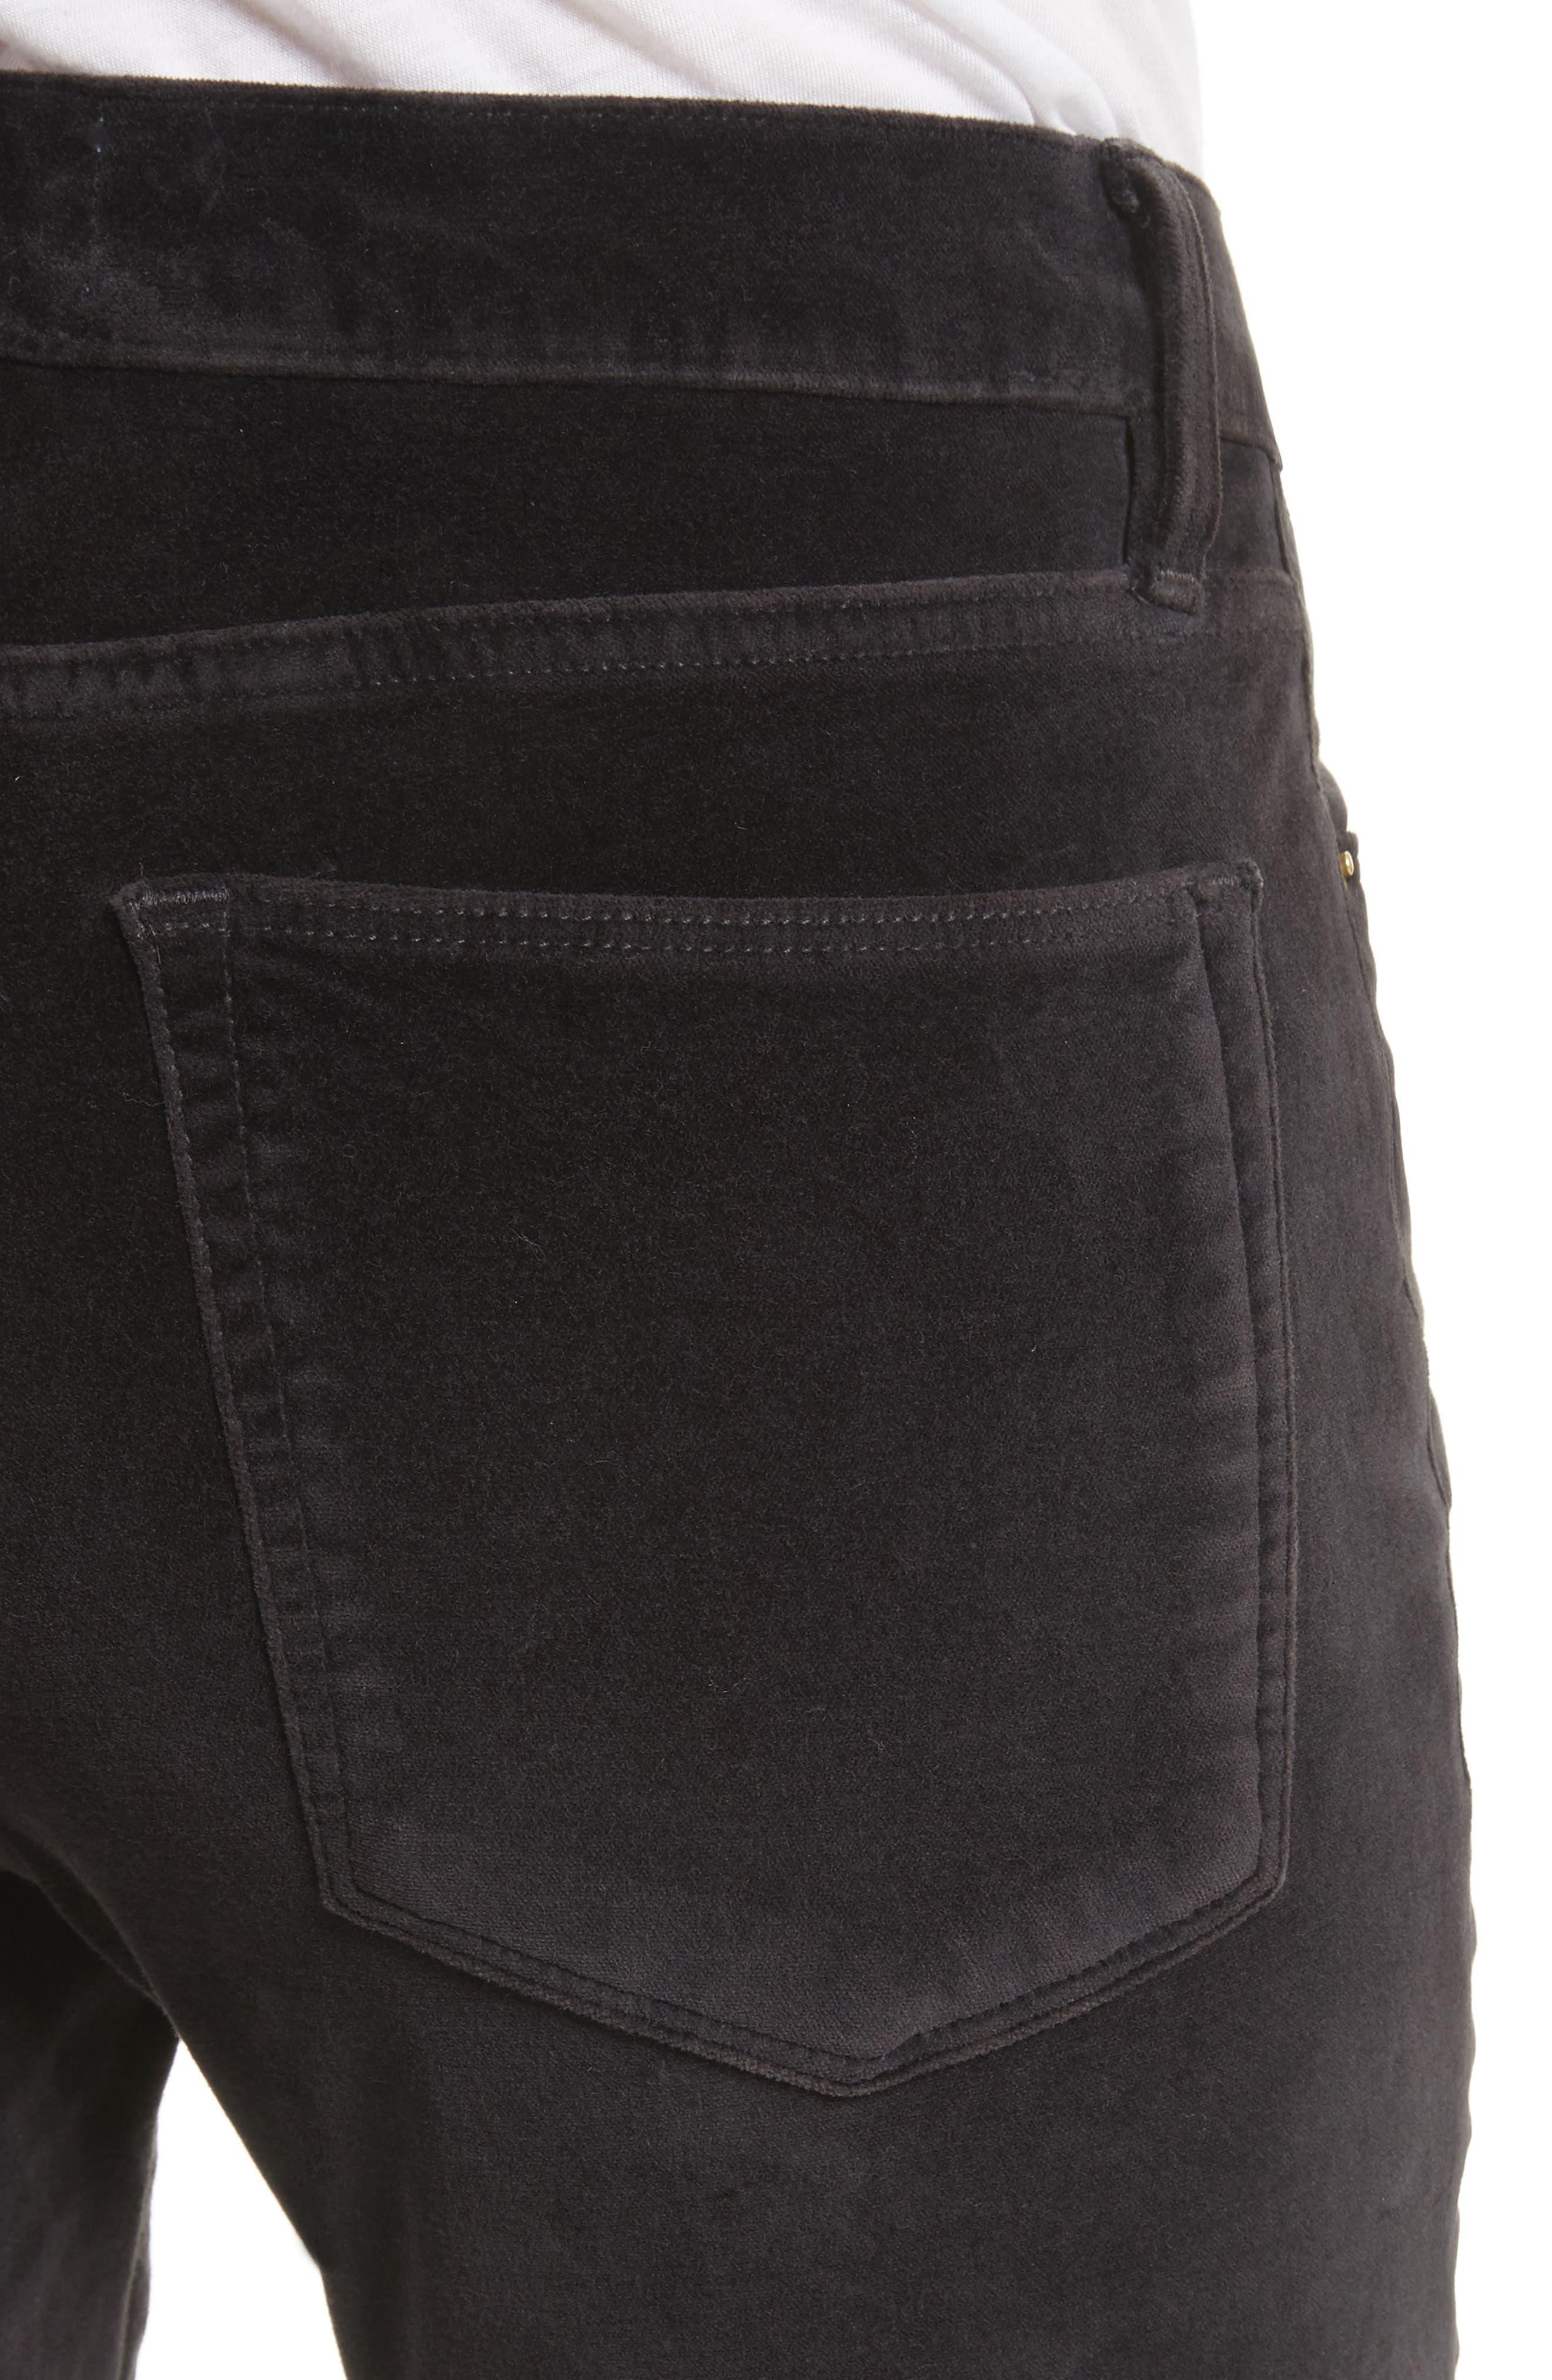 Velveteen High Waist Skinny Pants,                             Alternate thumbnail 5, color,                             Charcoal